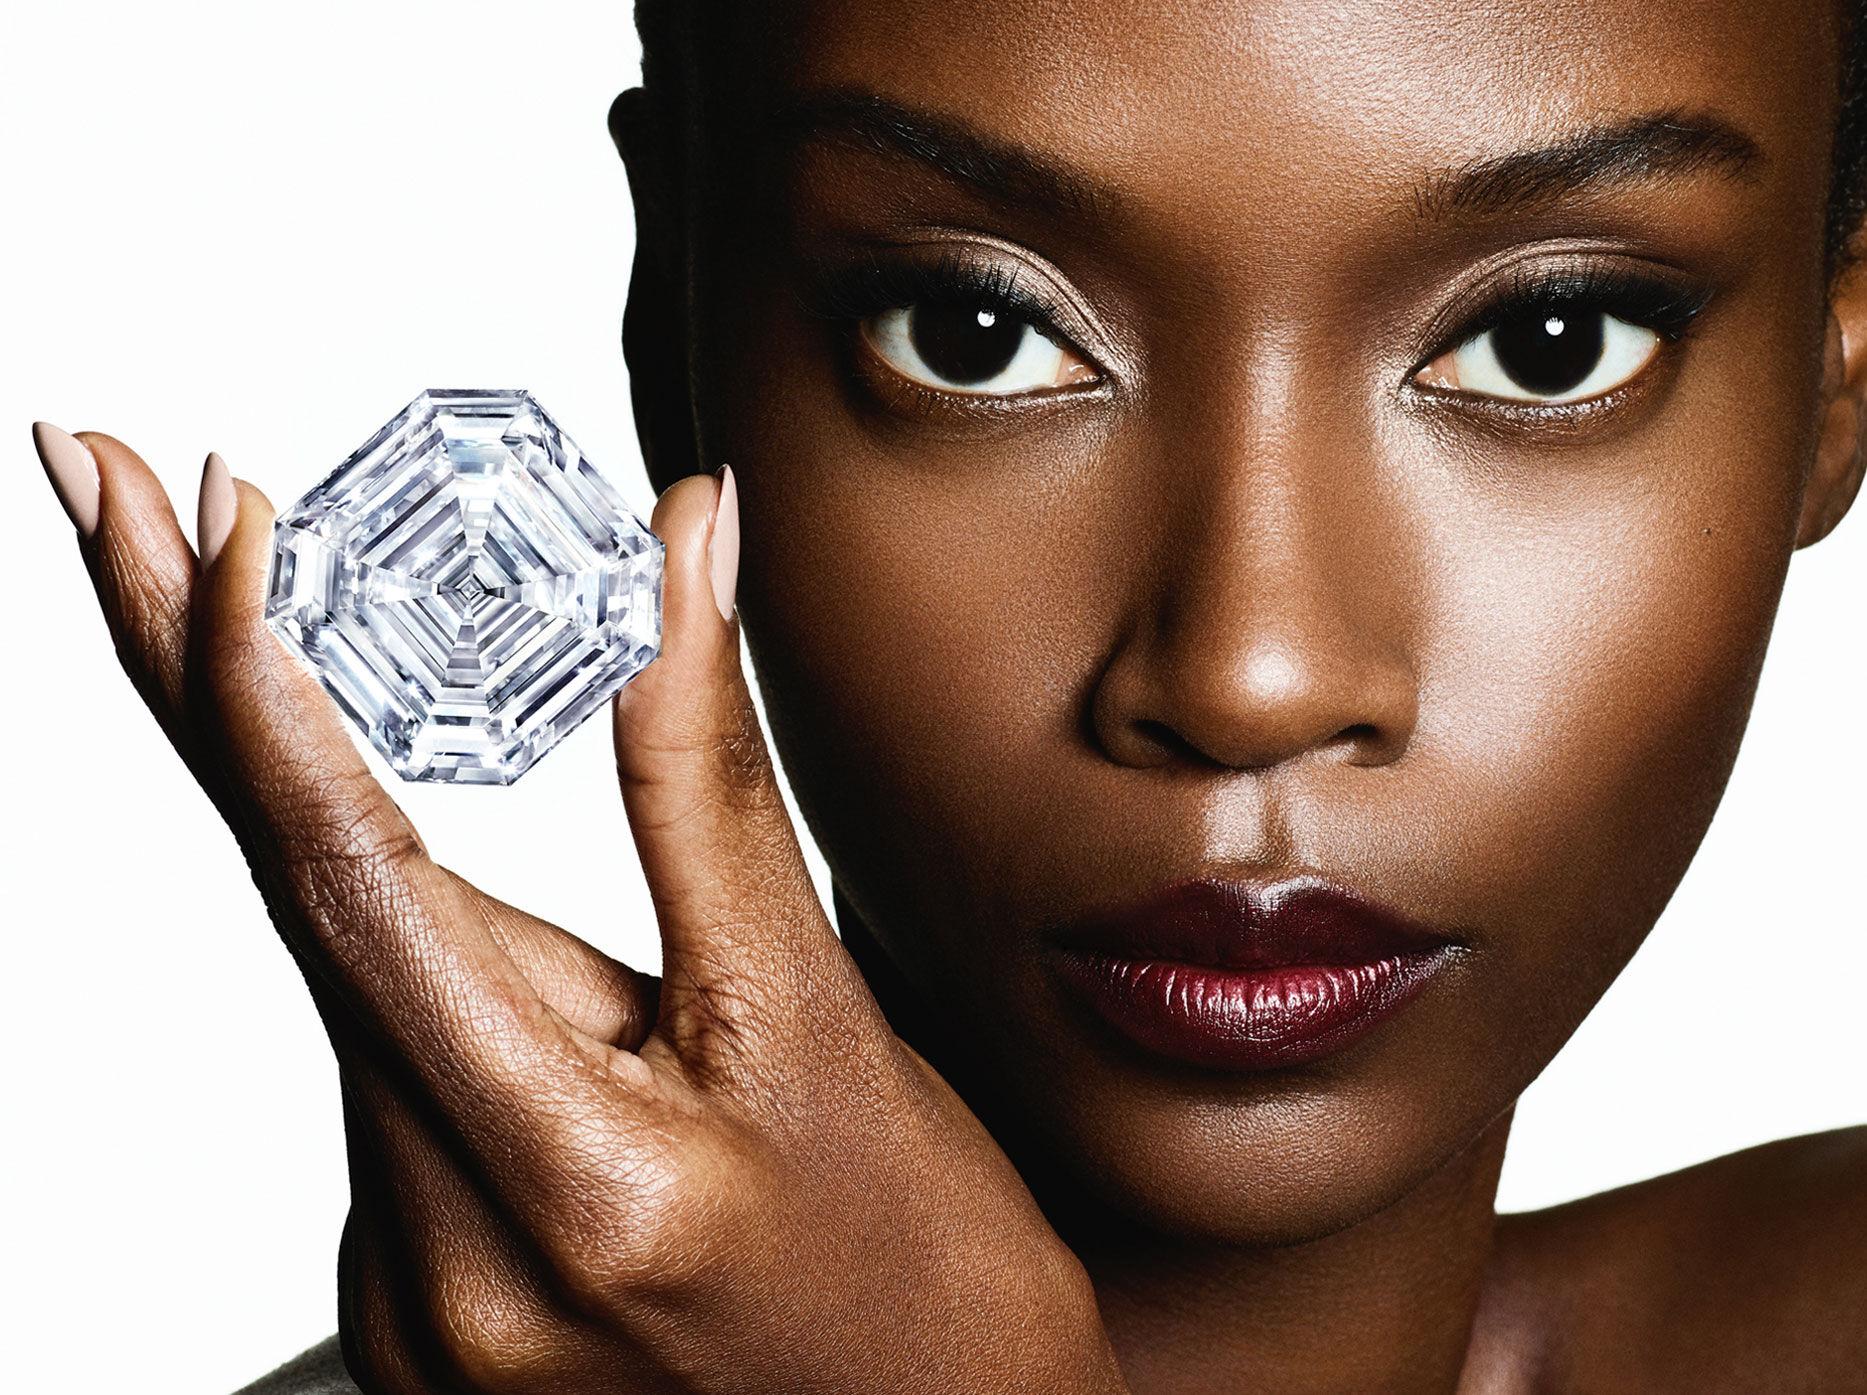 Model holding the Graff Lesedi La Rona diamond.